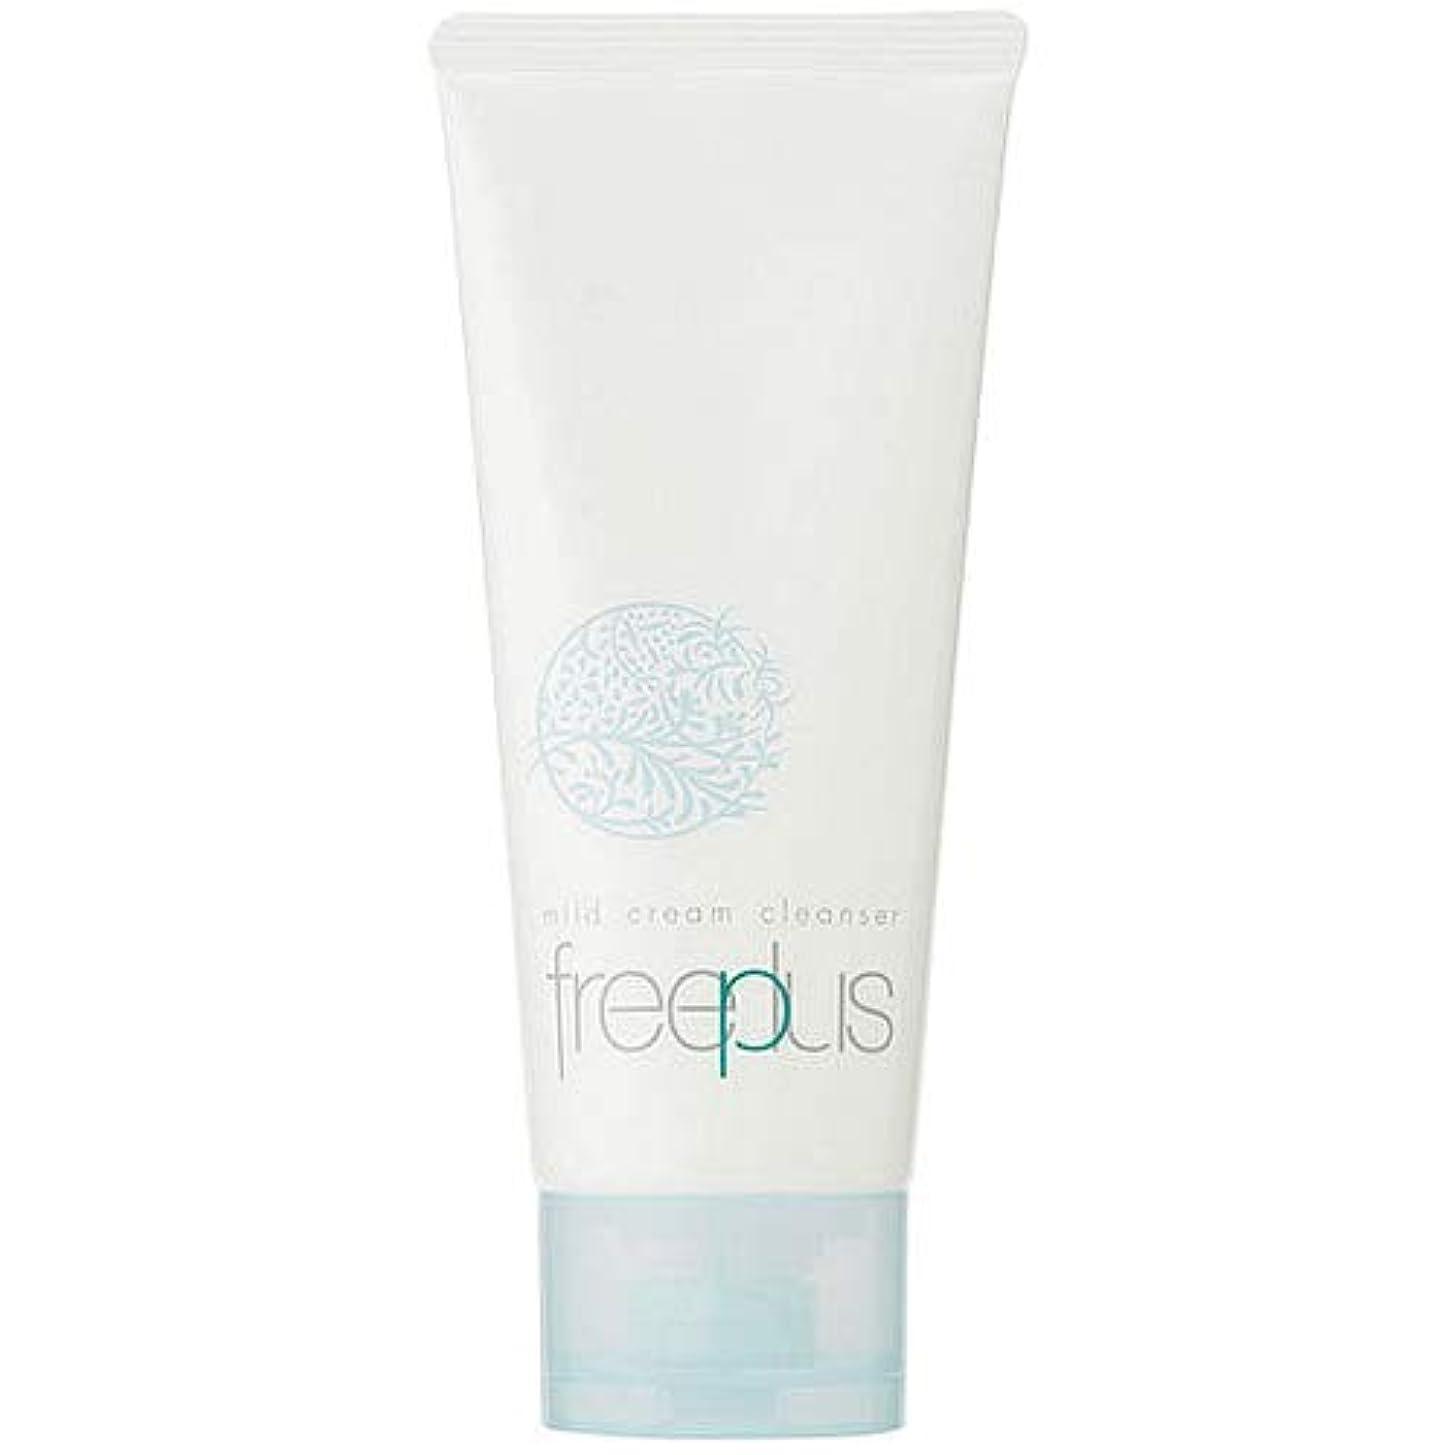 フリープラス FREEPLUS フリープラス マイルドクリームクレンザーa 125g [並行輸入品]